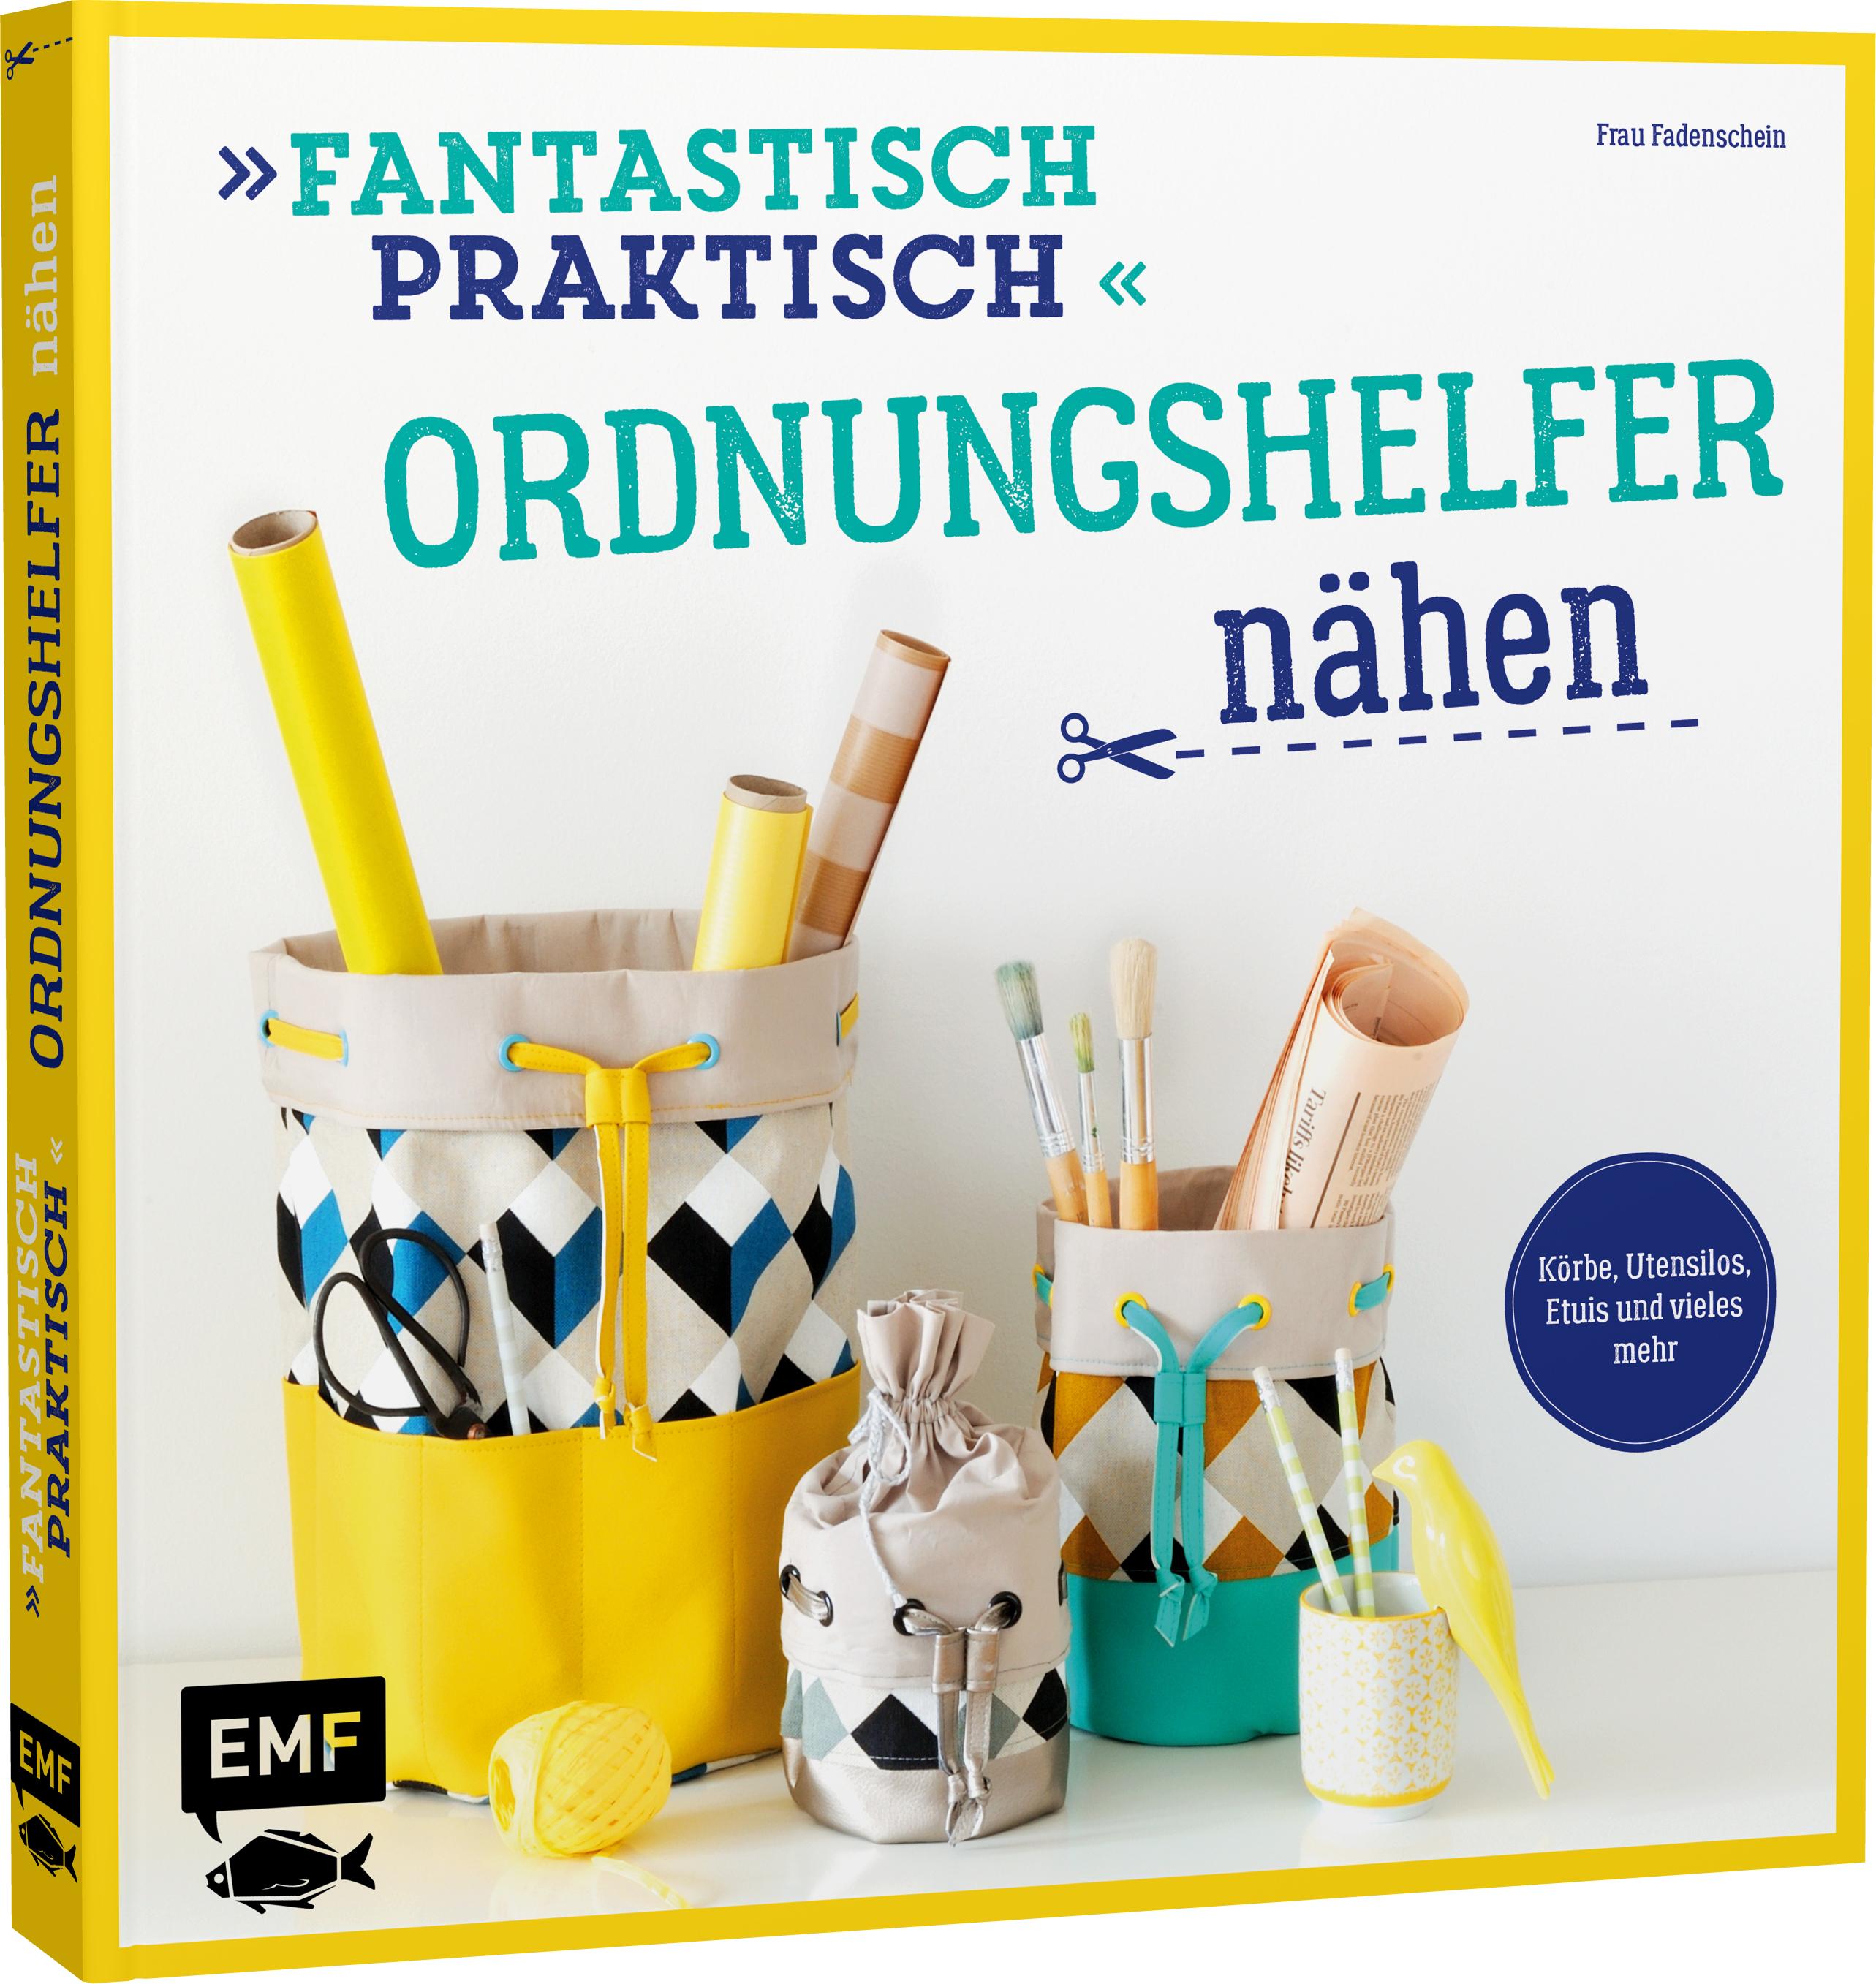 Mein neues Buch ist da: Fantastisch Praktisch – Ordnungshelfer nähen Frau Fadenschein/EMF Verlag)